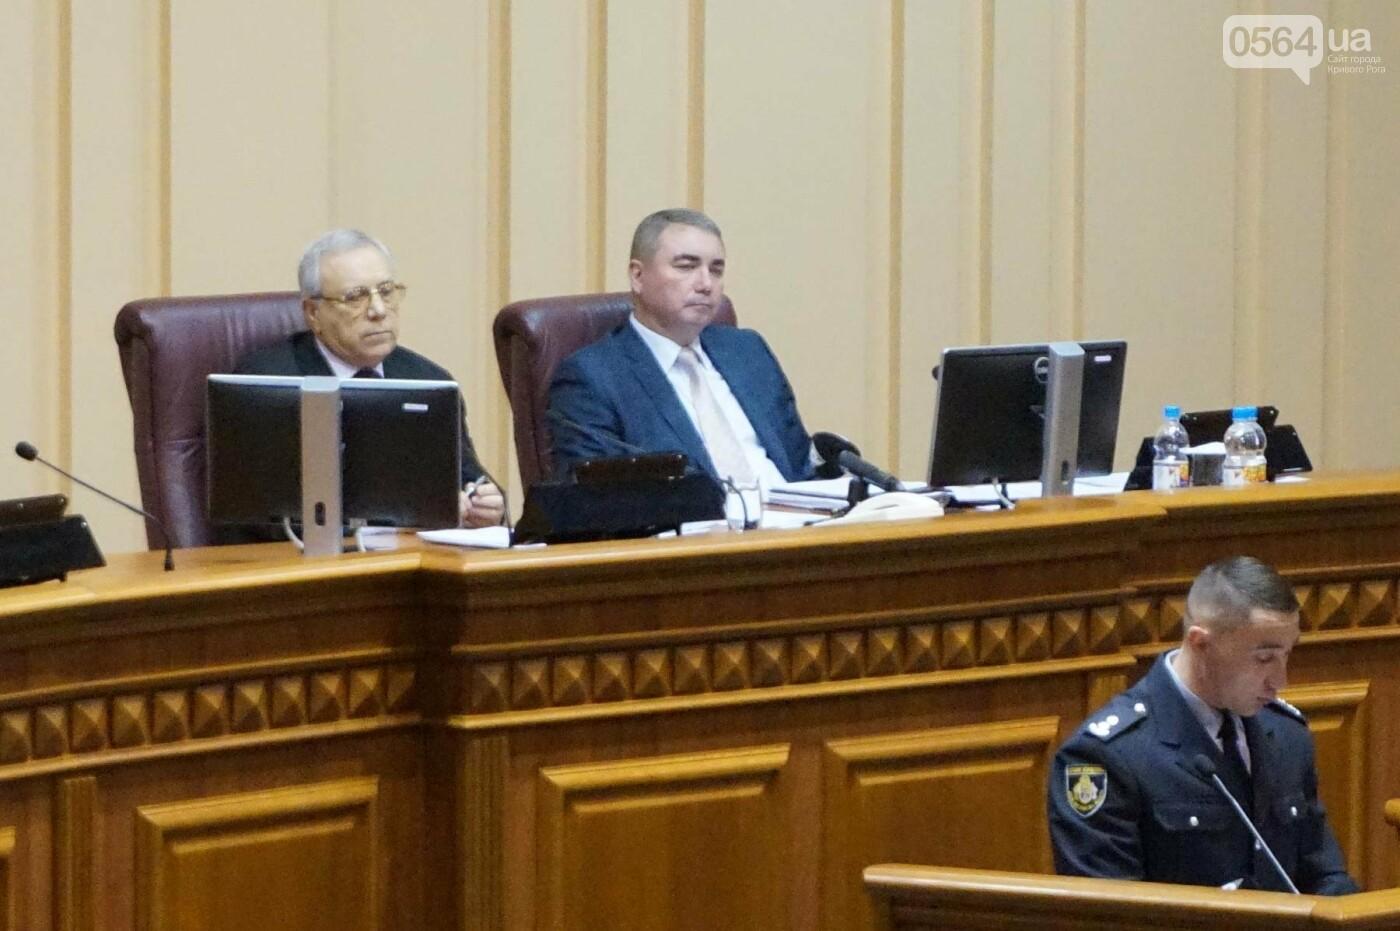 Начальник полиции отчитался перед депутатами о криминогенной ситуации в Кривом Роге (ФОТО), фото-1